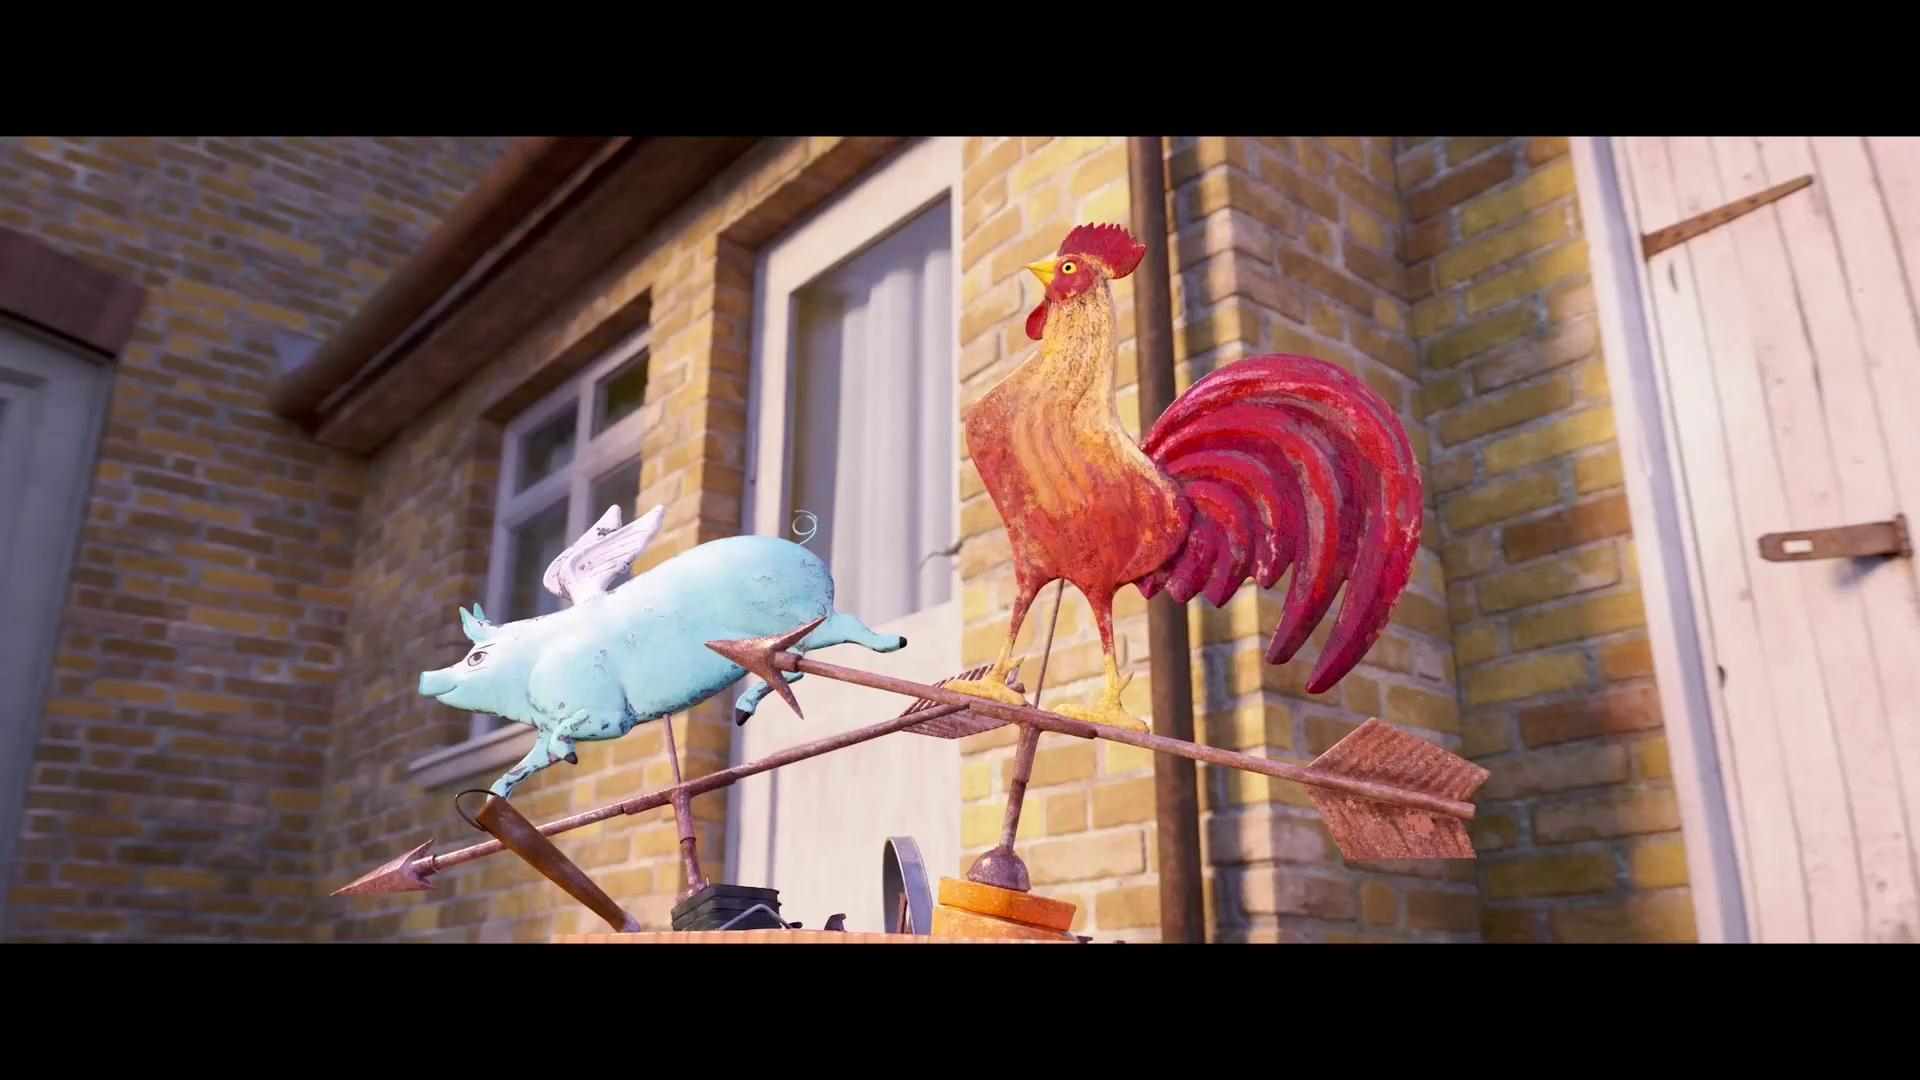 Sherlock Gnomes - Tựa phim hoạt hình thú vị về những bức tượng người lùn hài hước